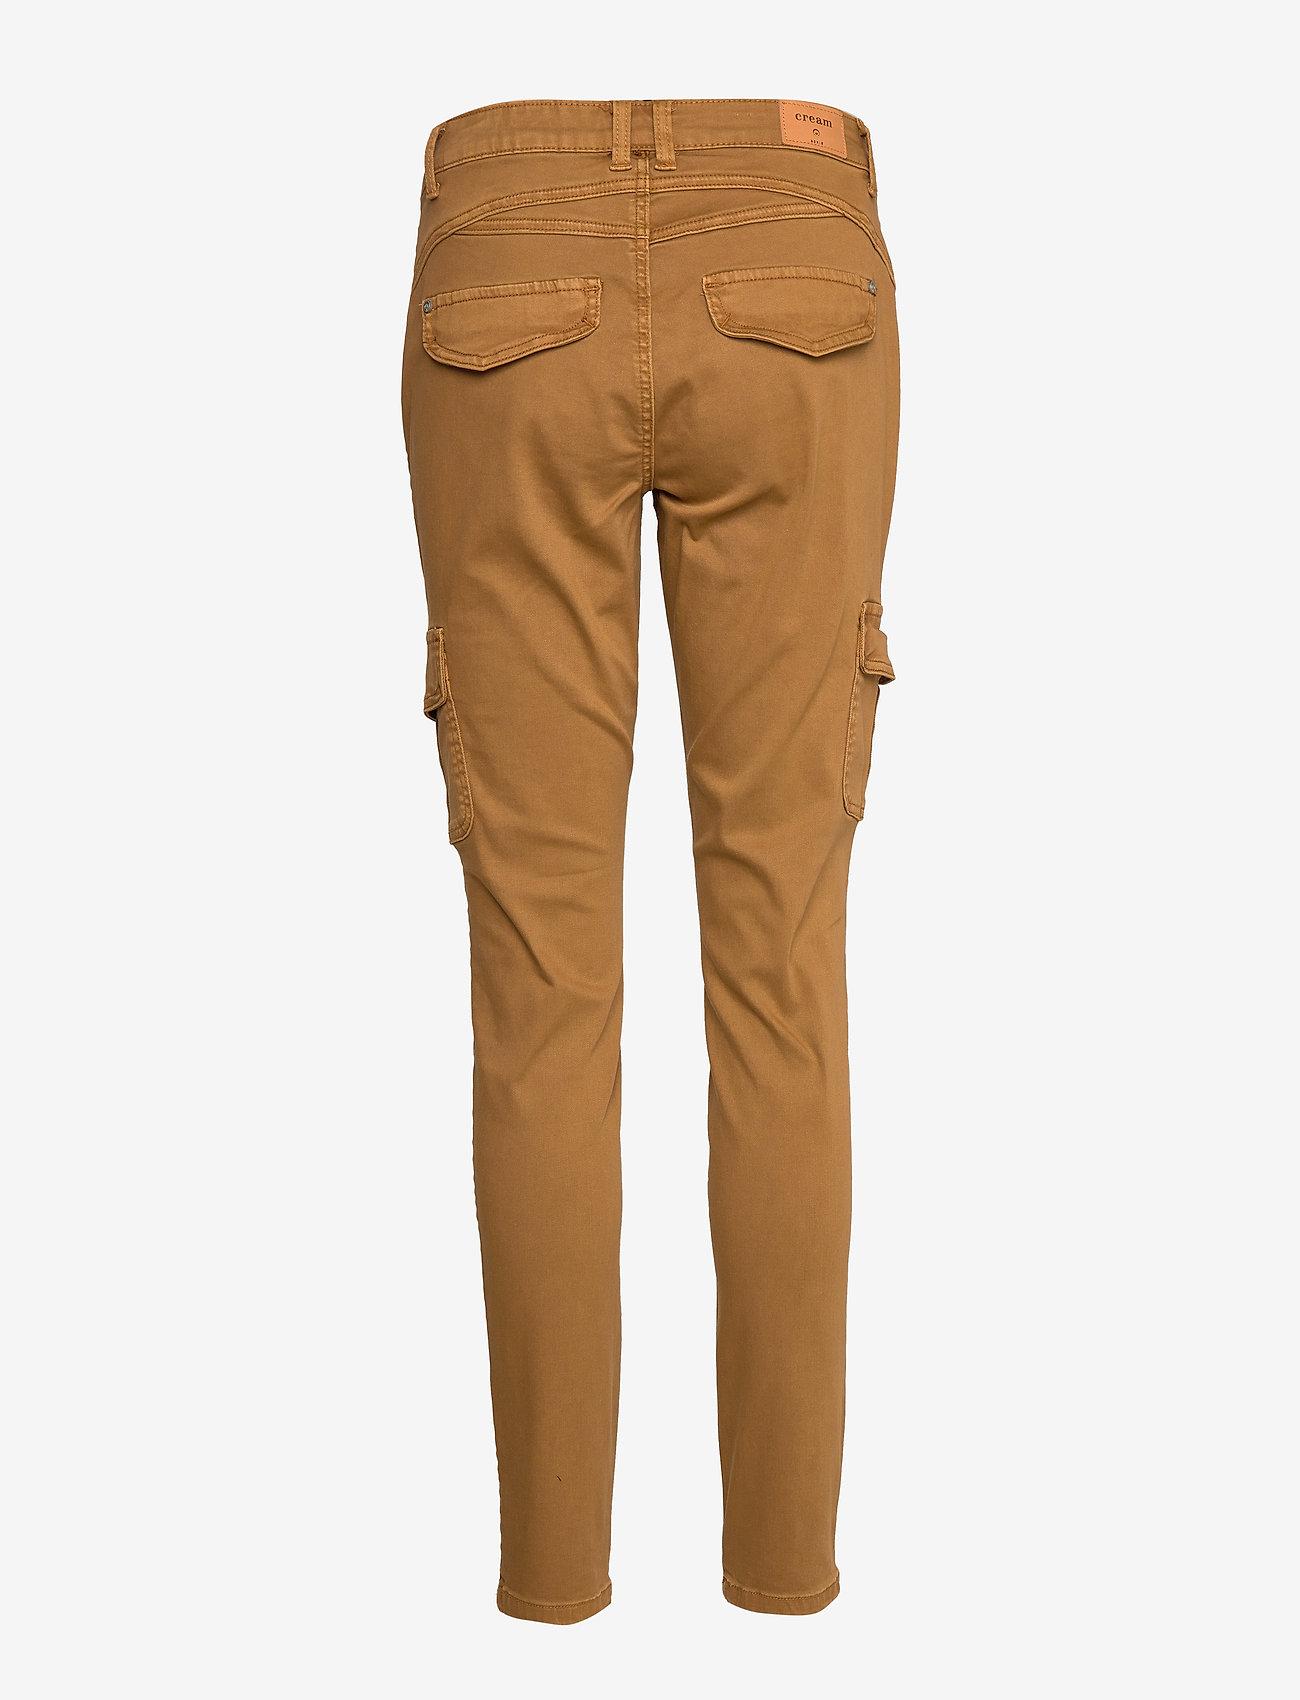 Annie Cargo Pants - Baiily (Bronzed) - Cream HrU55M